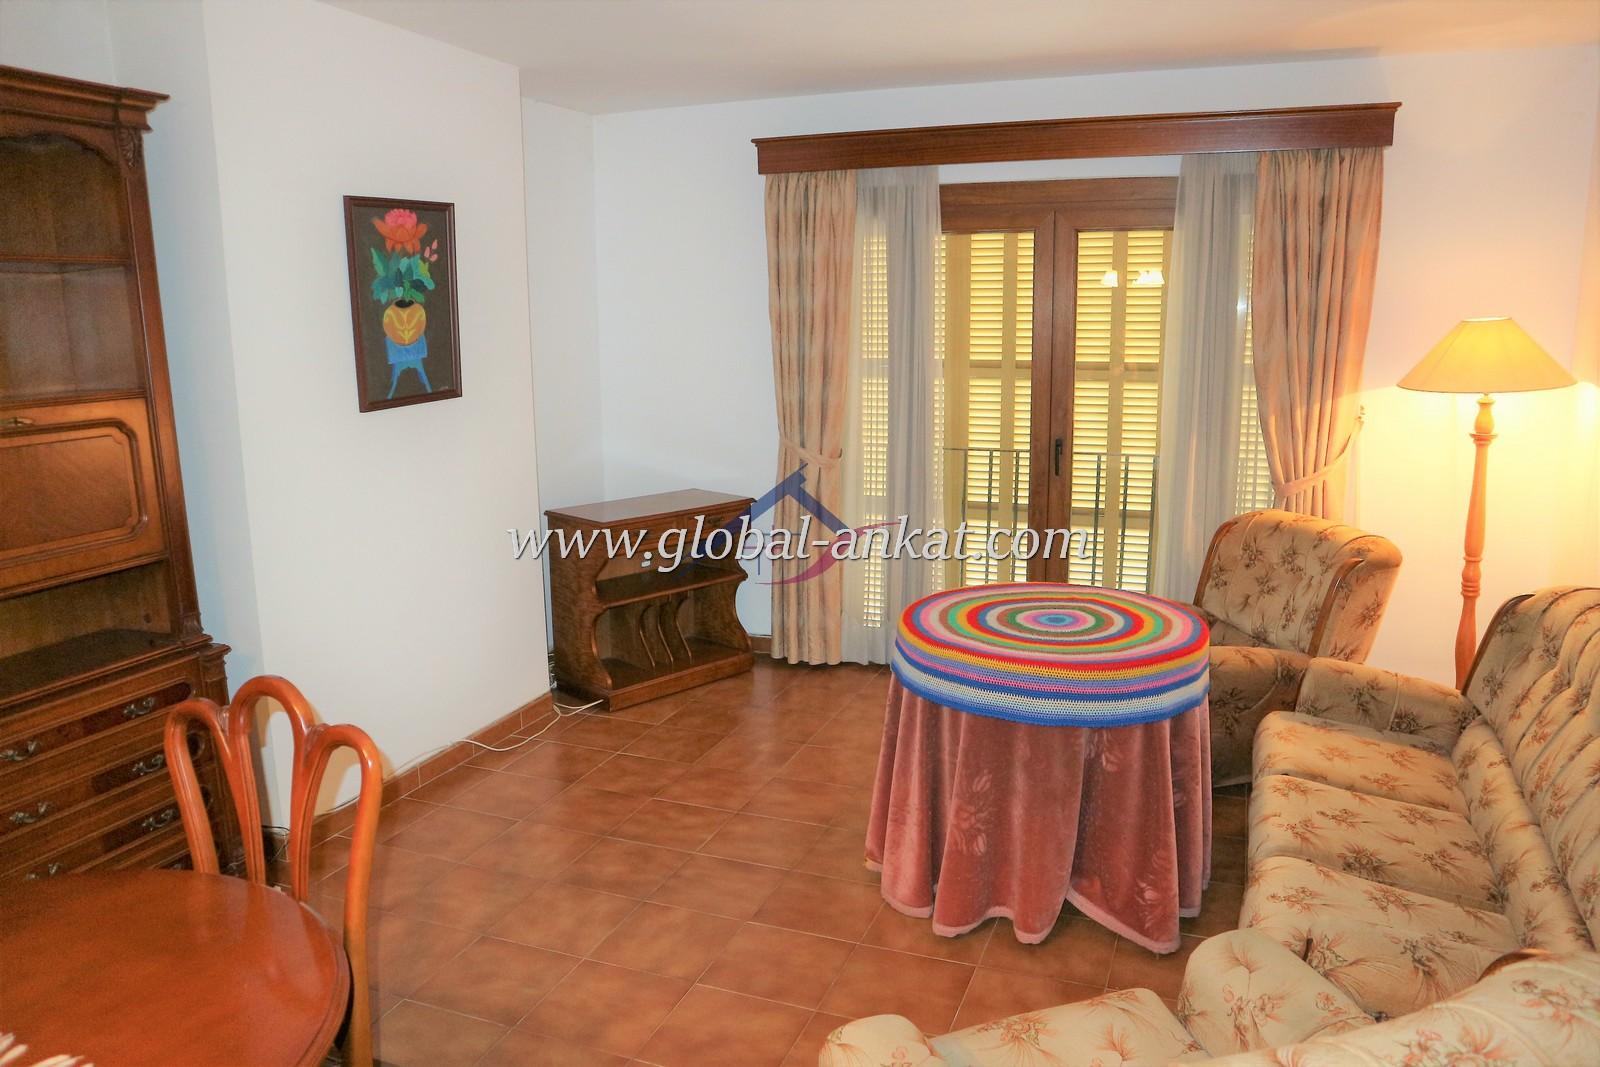 Affitto Appartamento  Zona hiper centro. Alquiler de luminoso piso (ref. al3036)